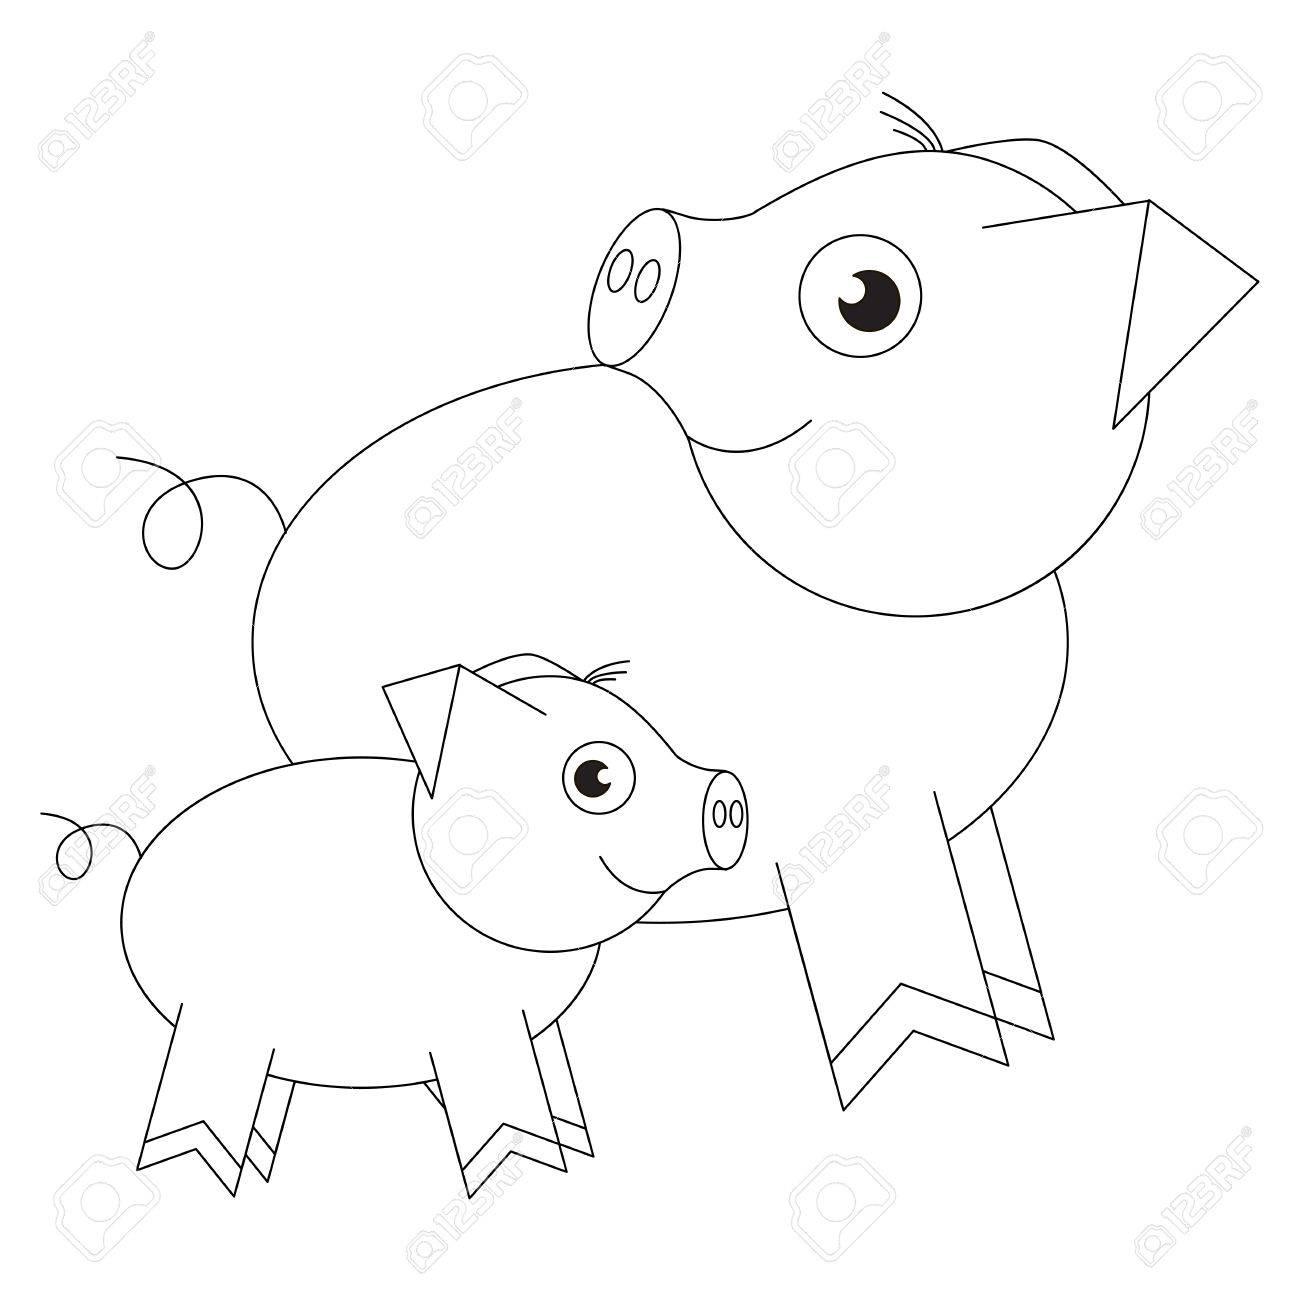 Cerdito Madre Y Cerdito Bebé De Dibujos Animados. Objeto Contorneado ...